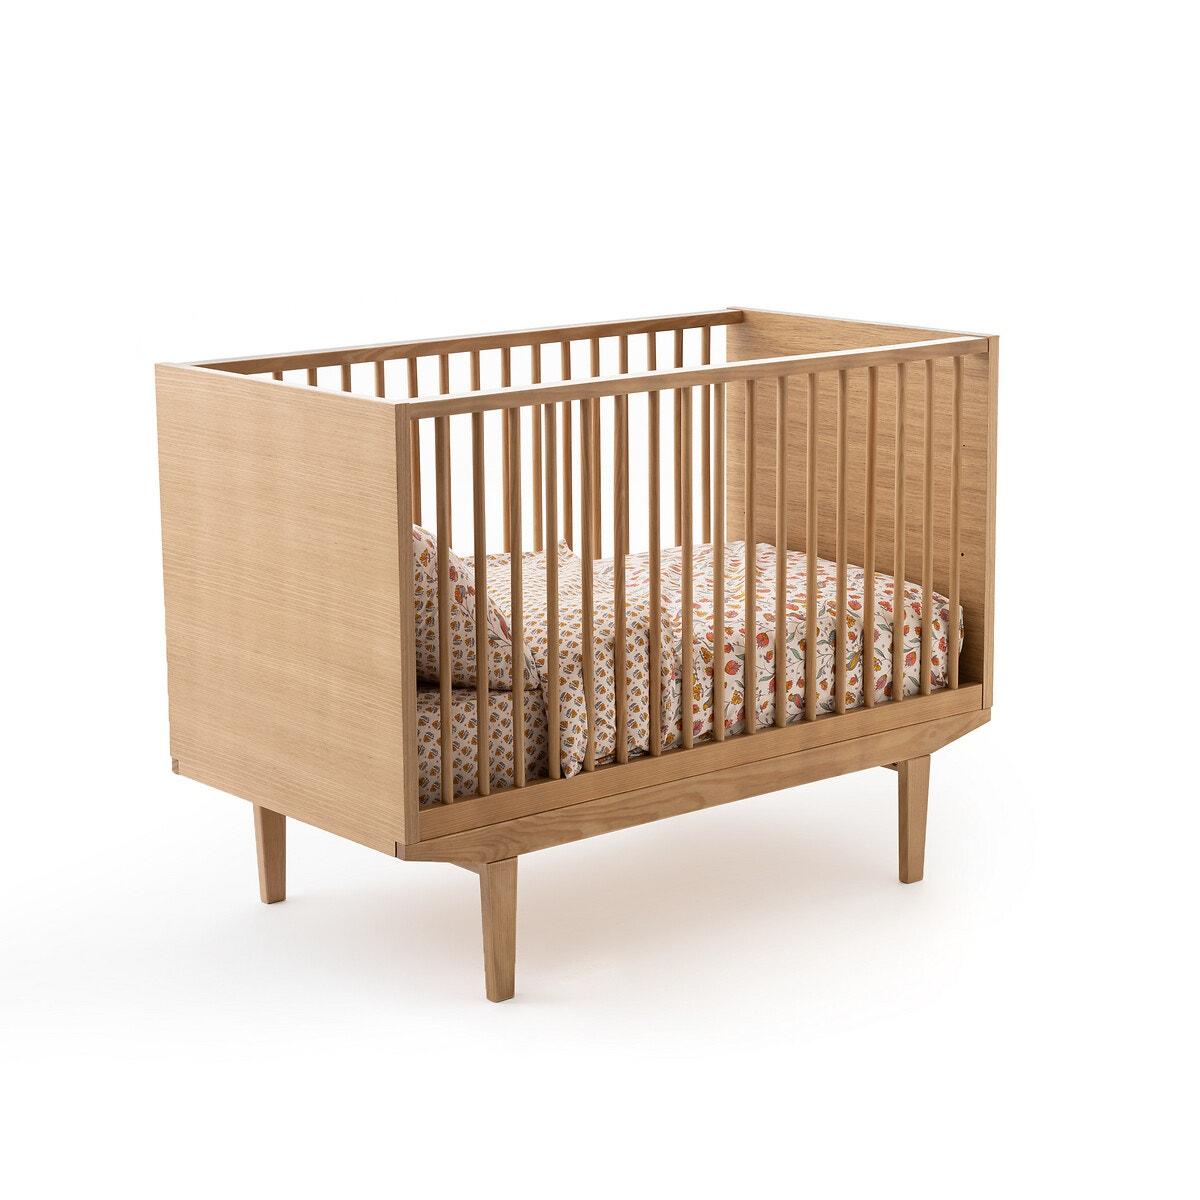 Βρεφικό κρεβάτι με τάβλες, Elyo